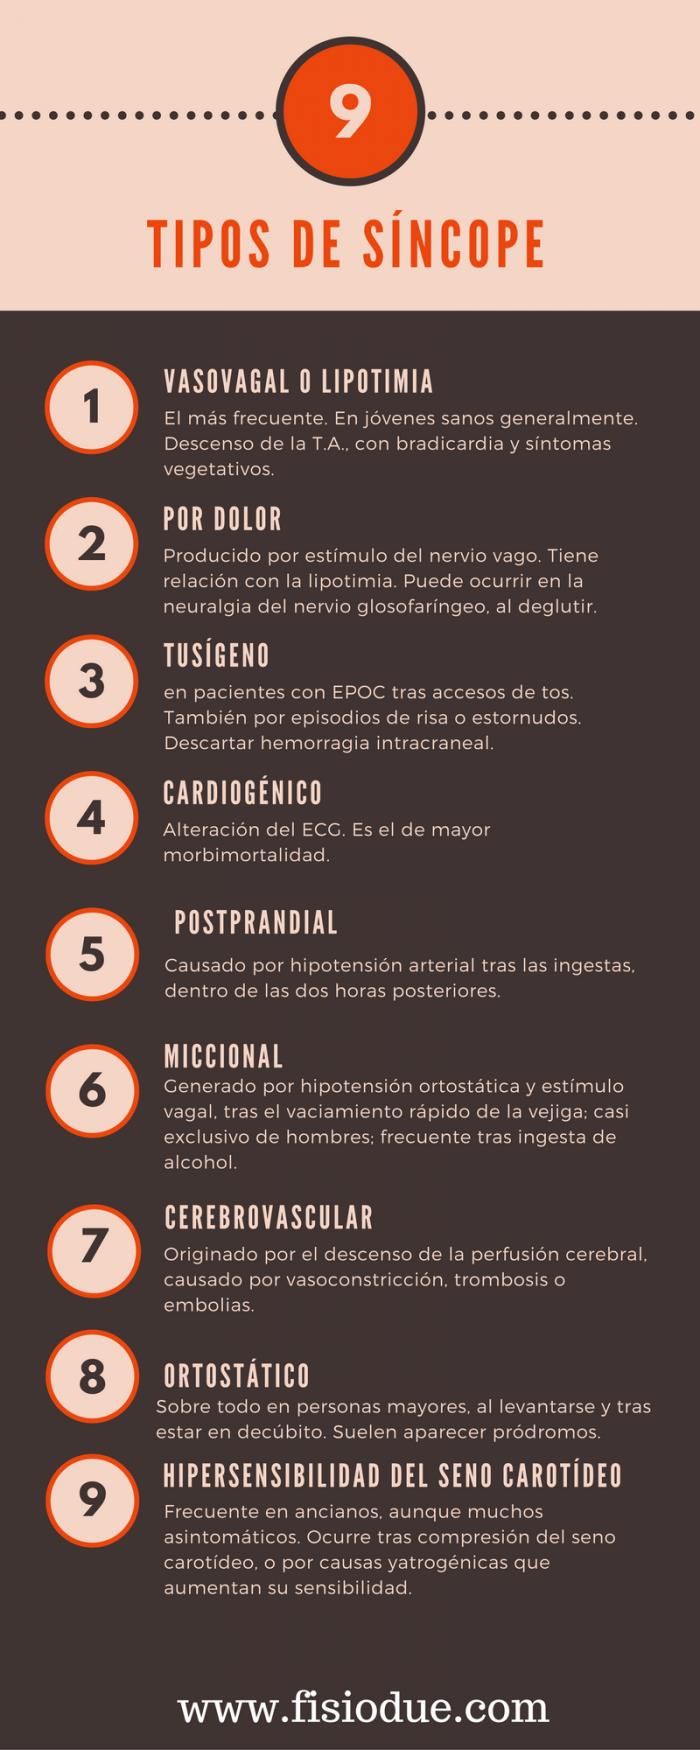 Tipos de Síncope